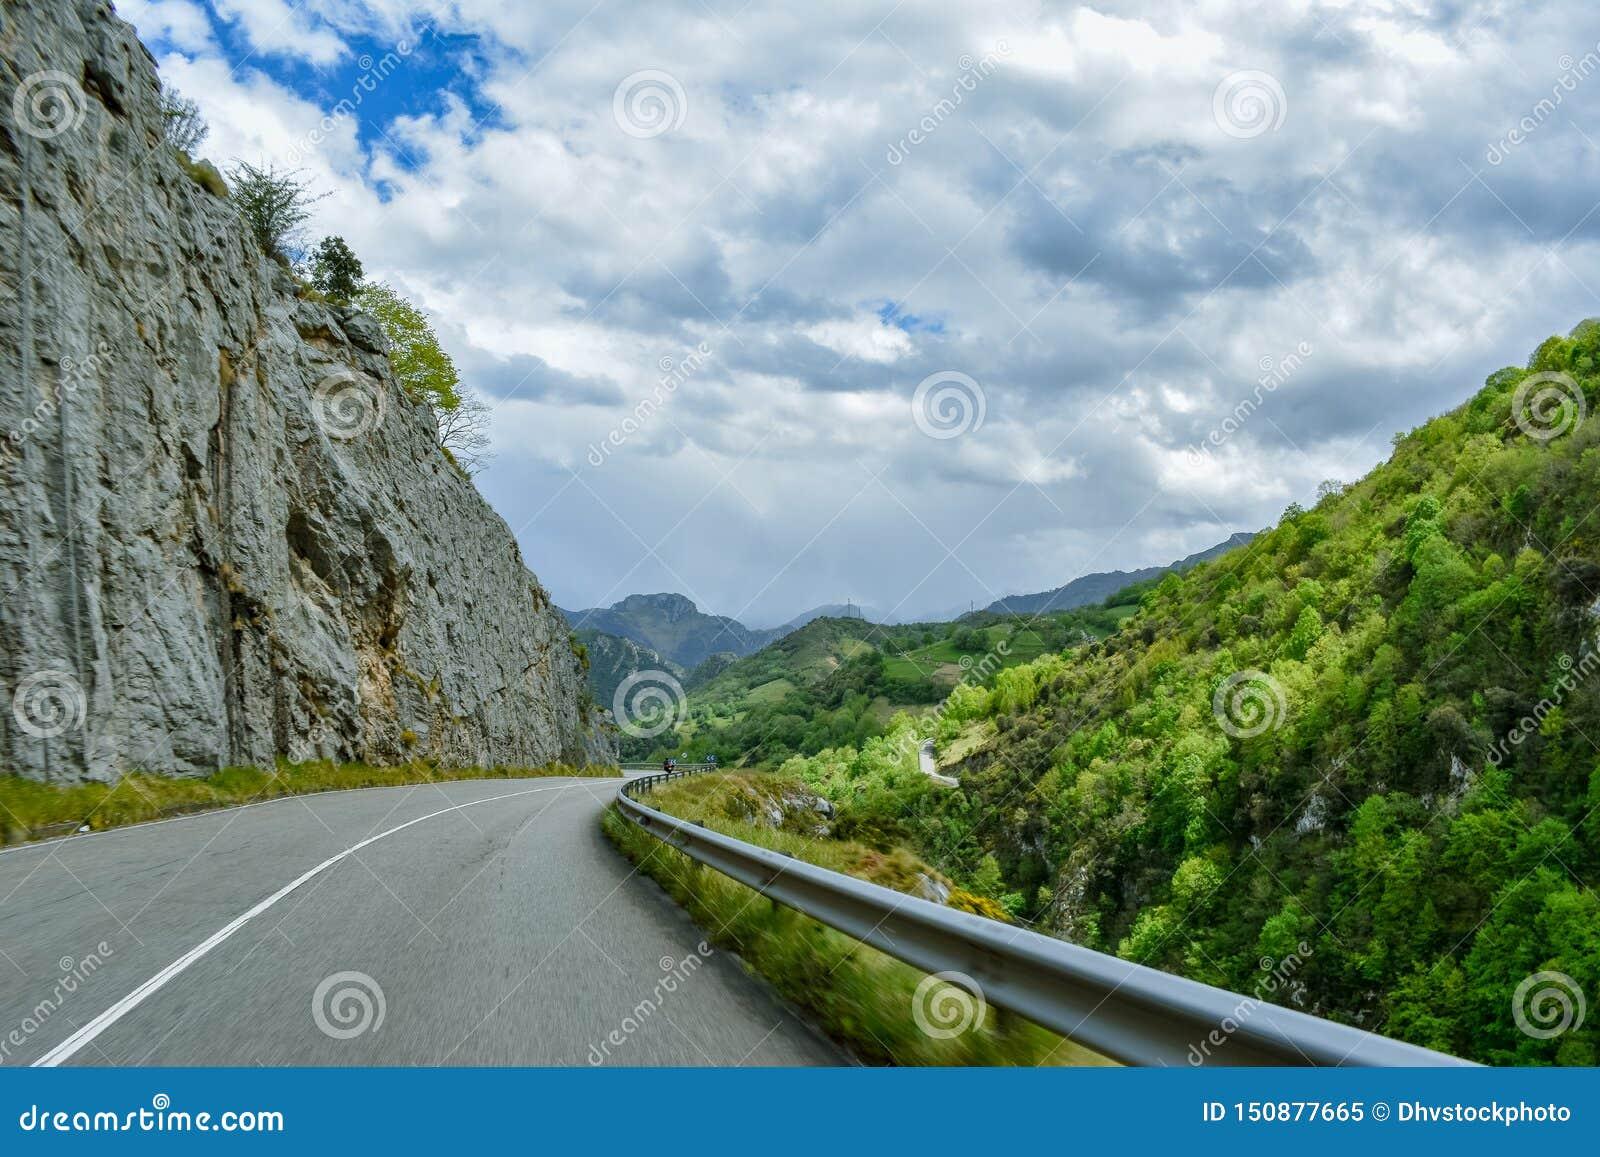 Sensación en un camino de la montaña, Asturias de la velocidad del coche